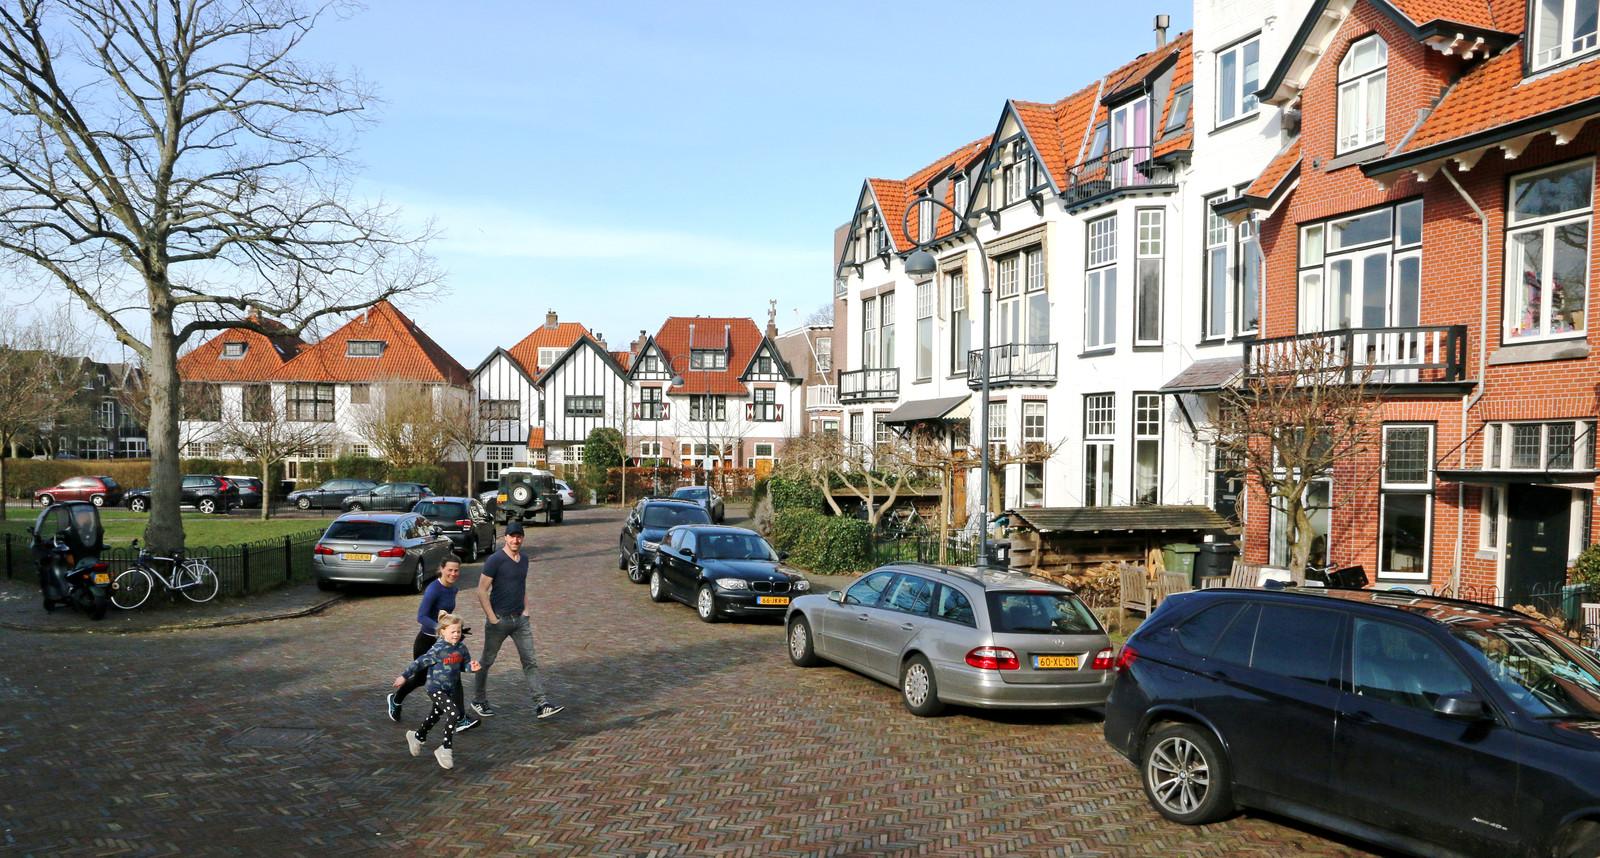 Annemarie en Thomas lopen met hun dochter Eefje over het Oranjeplein in Bosch en Vaart, de buurt waar Thierry Baudet opgroeide.